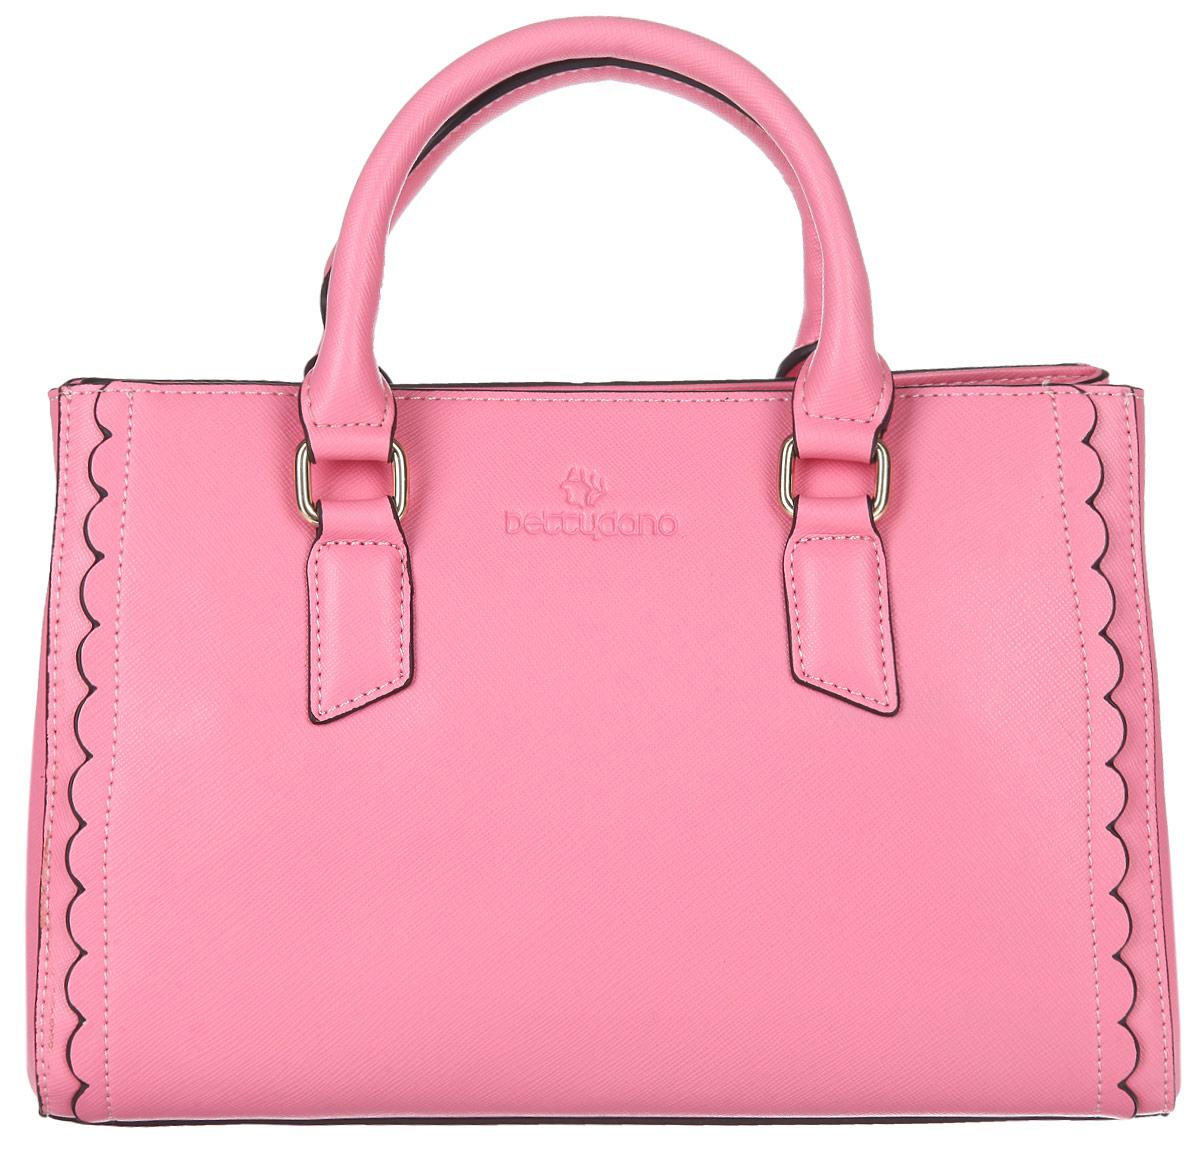 Сумка женская Bettydano, цвет: розовый. L40471-R1L40471-R1Элегантная женская сумка Bettydano выполнена из натуральной кожи с декоративным фактурным тиснением и оформлена символикой бренда. Изделие содержит одно основное отделение, которое закрывается на застежку-молнию. Внутри сумки расположены два накладных кармашка для мелочей, карман-средник на молнии и врезной карман на застежке-молнии. Сумка оснащена практичными ручками и съемным плечевым ремнем регулируемой длины, которые позволят носить изделие, как в руках, так и на плече. Дно изделия дополнено металлическими ножками. Модный аксессуар позволит вам завершить образ и быть неотразимой.